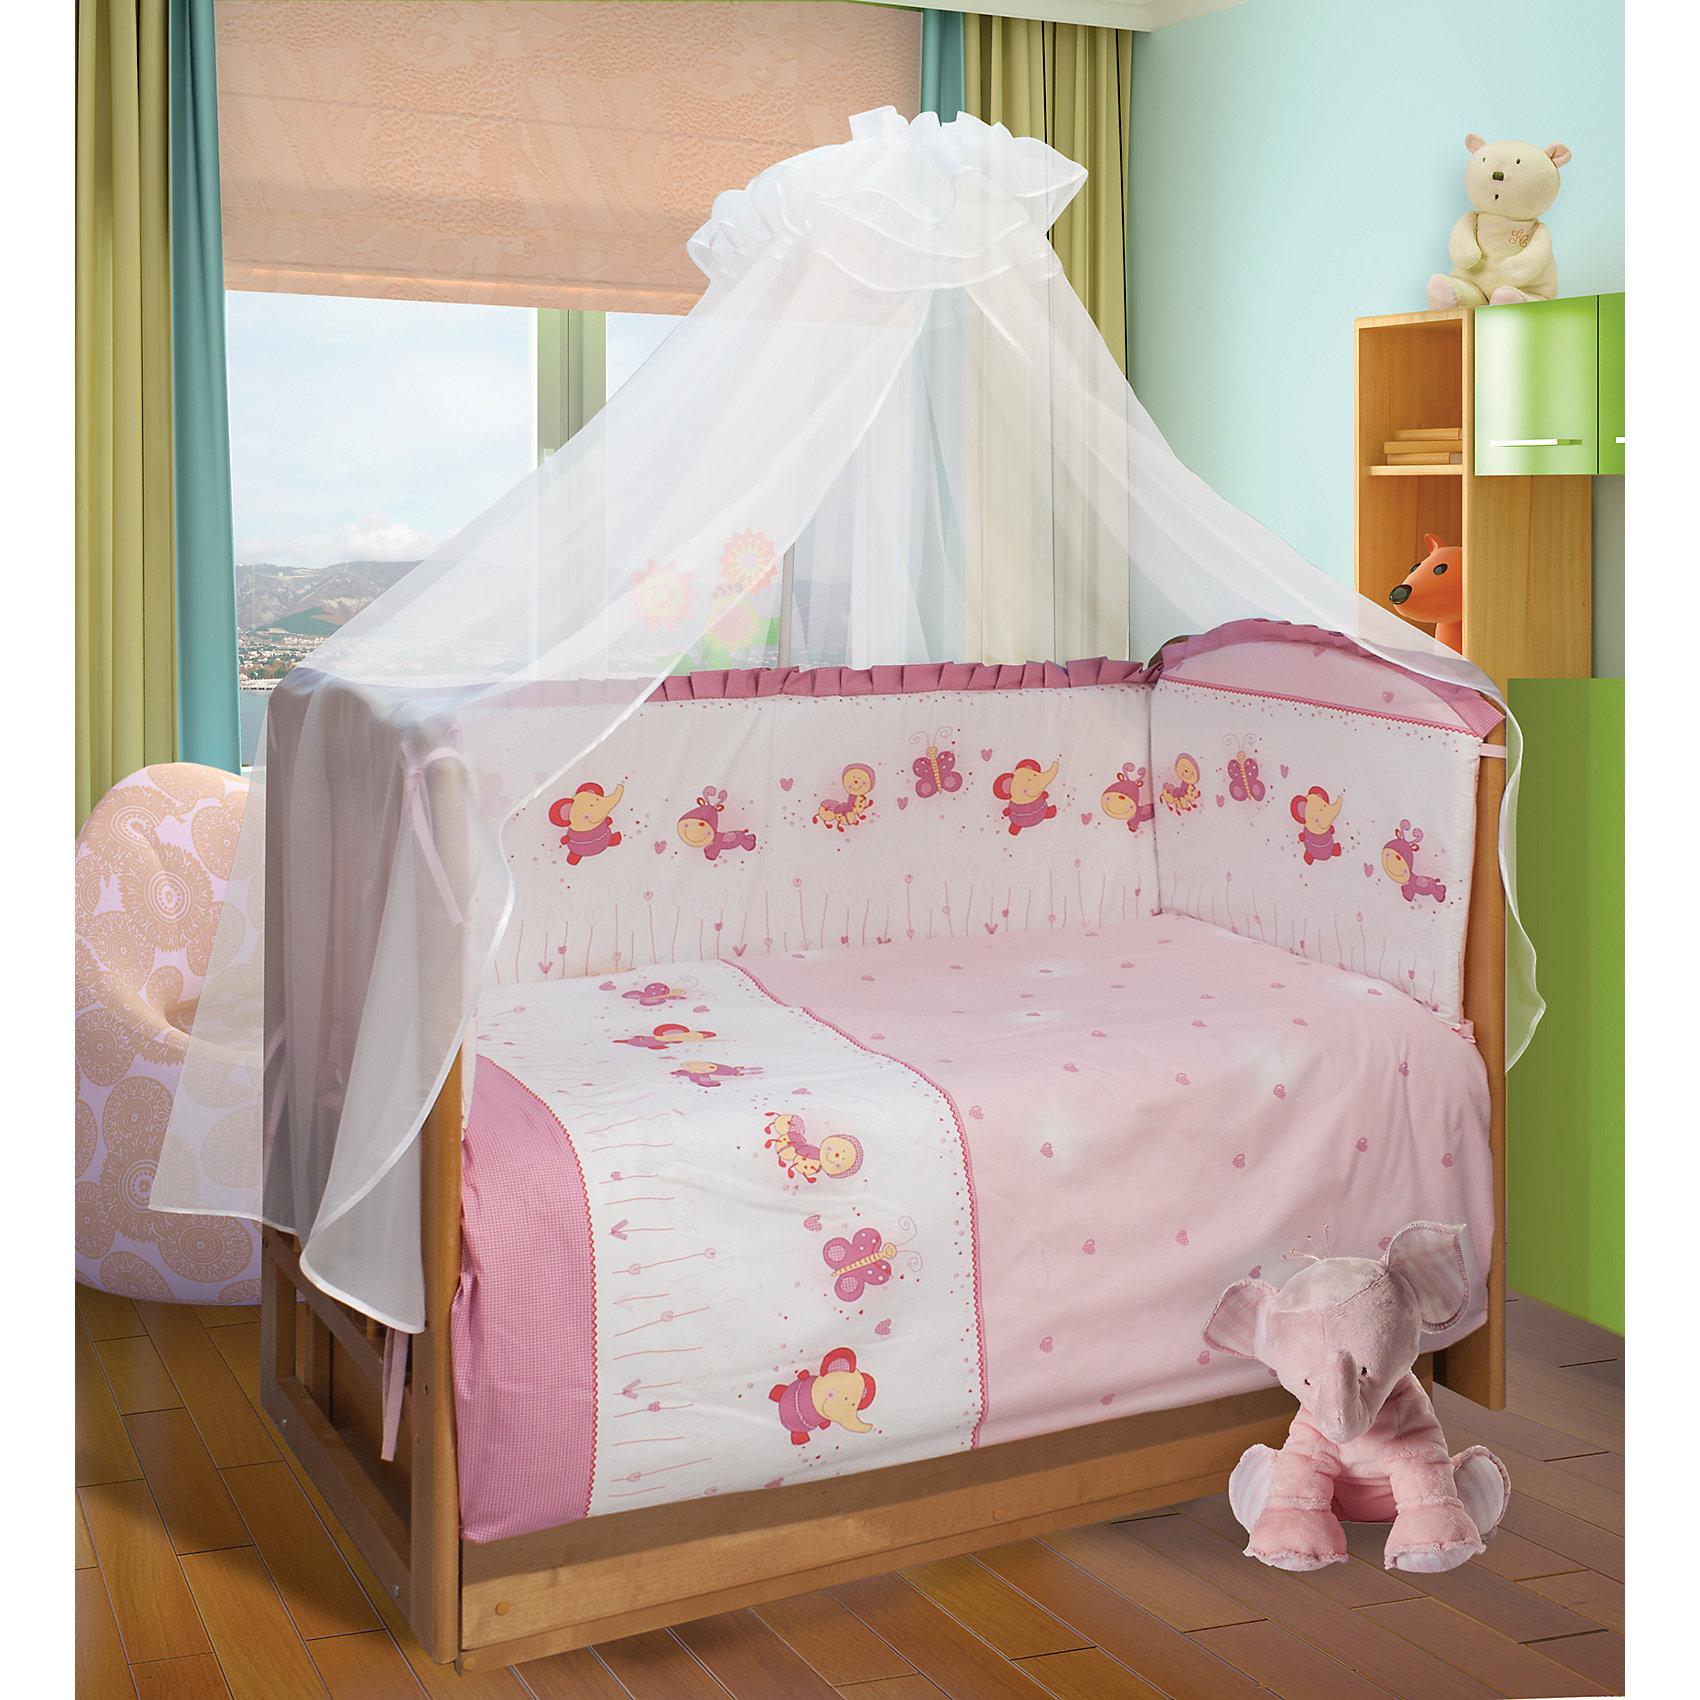 Постельное бельё Ласковое лето, 3 пр., Soni Kids, розовый